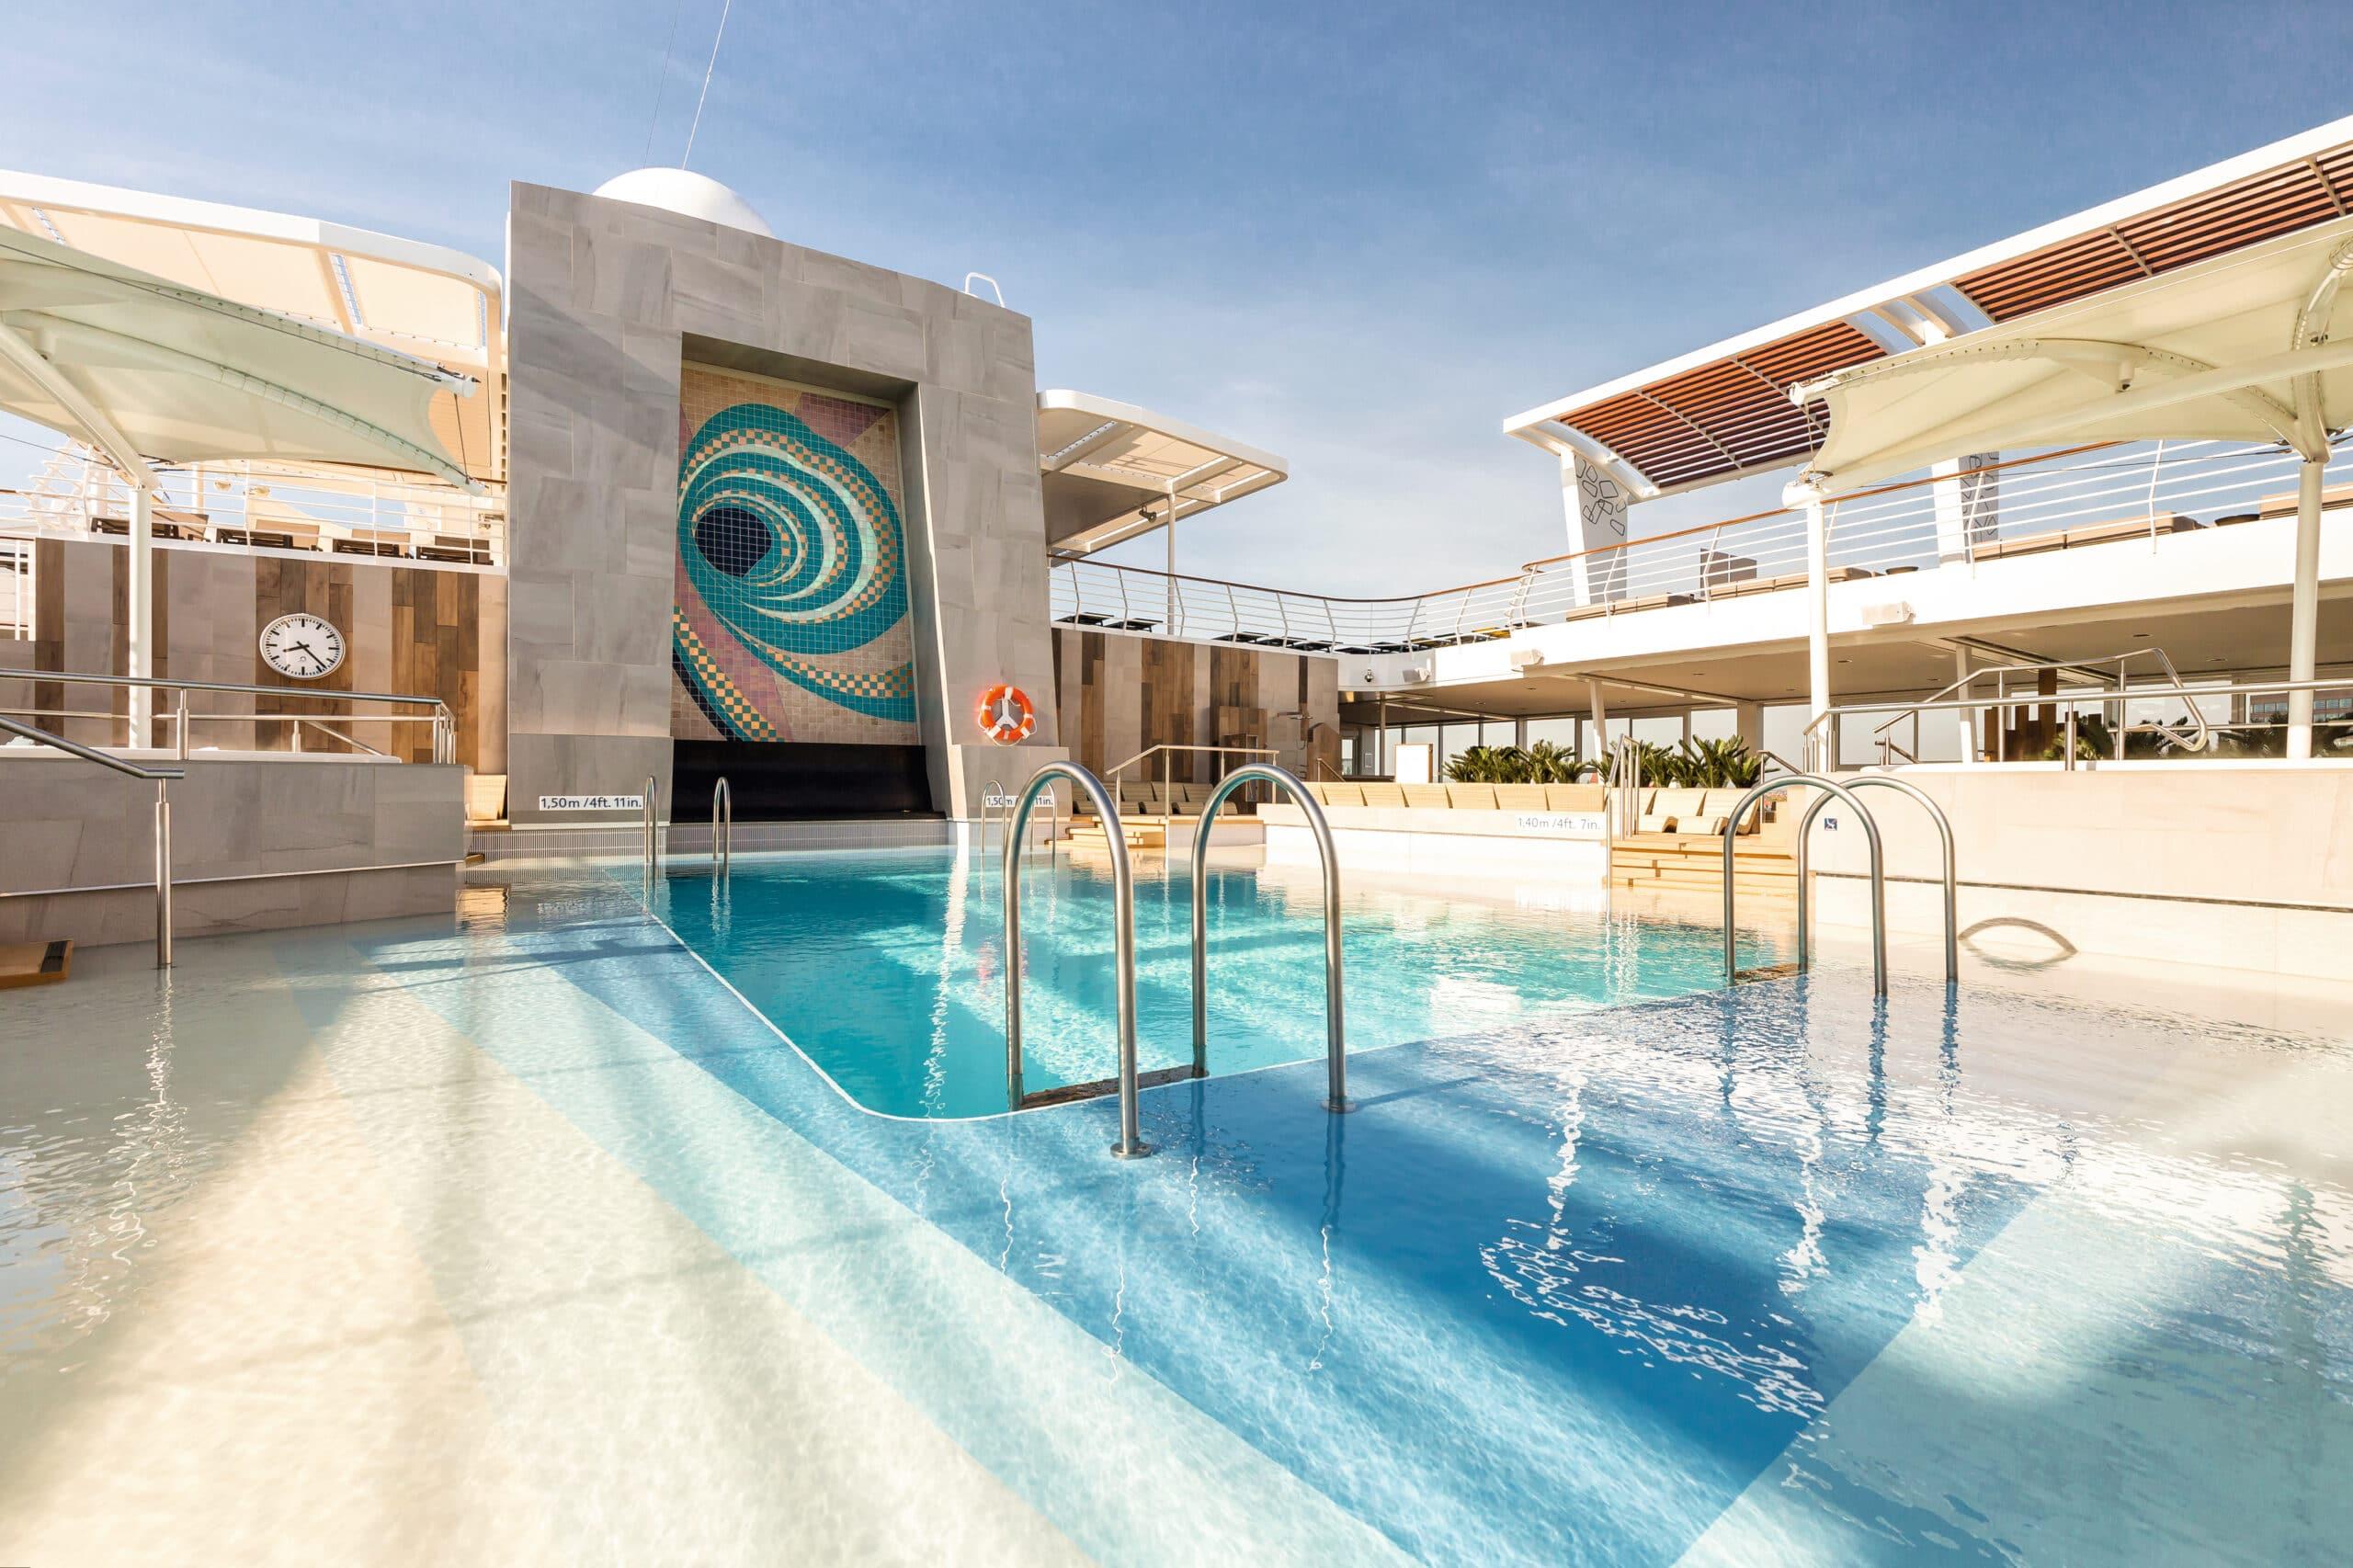 Cruiseschip-Mein Schiff 6-TUI Cruises-Zwembad